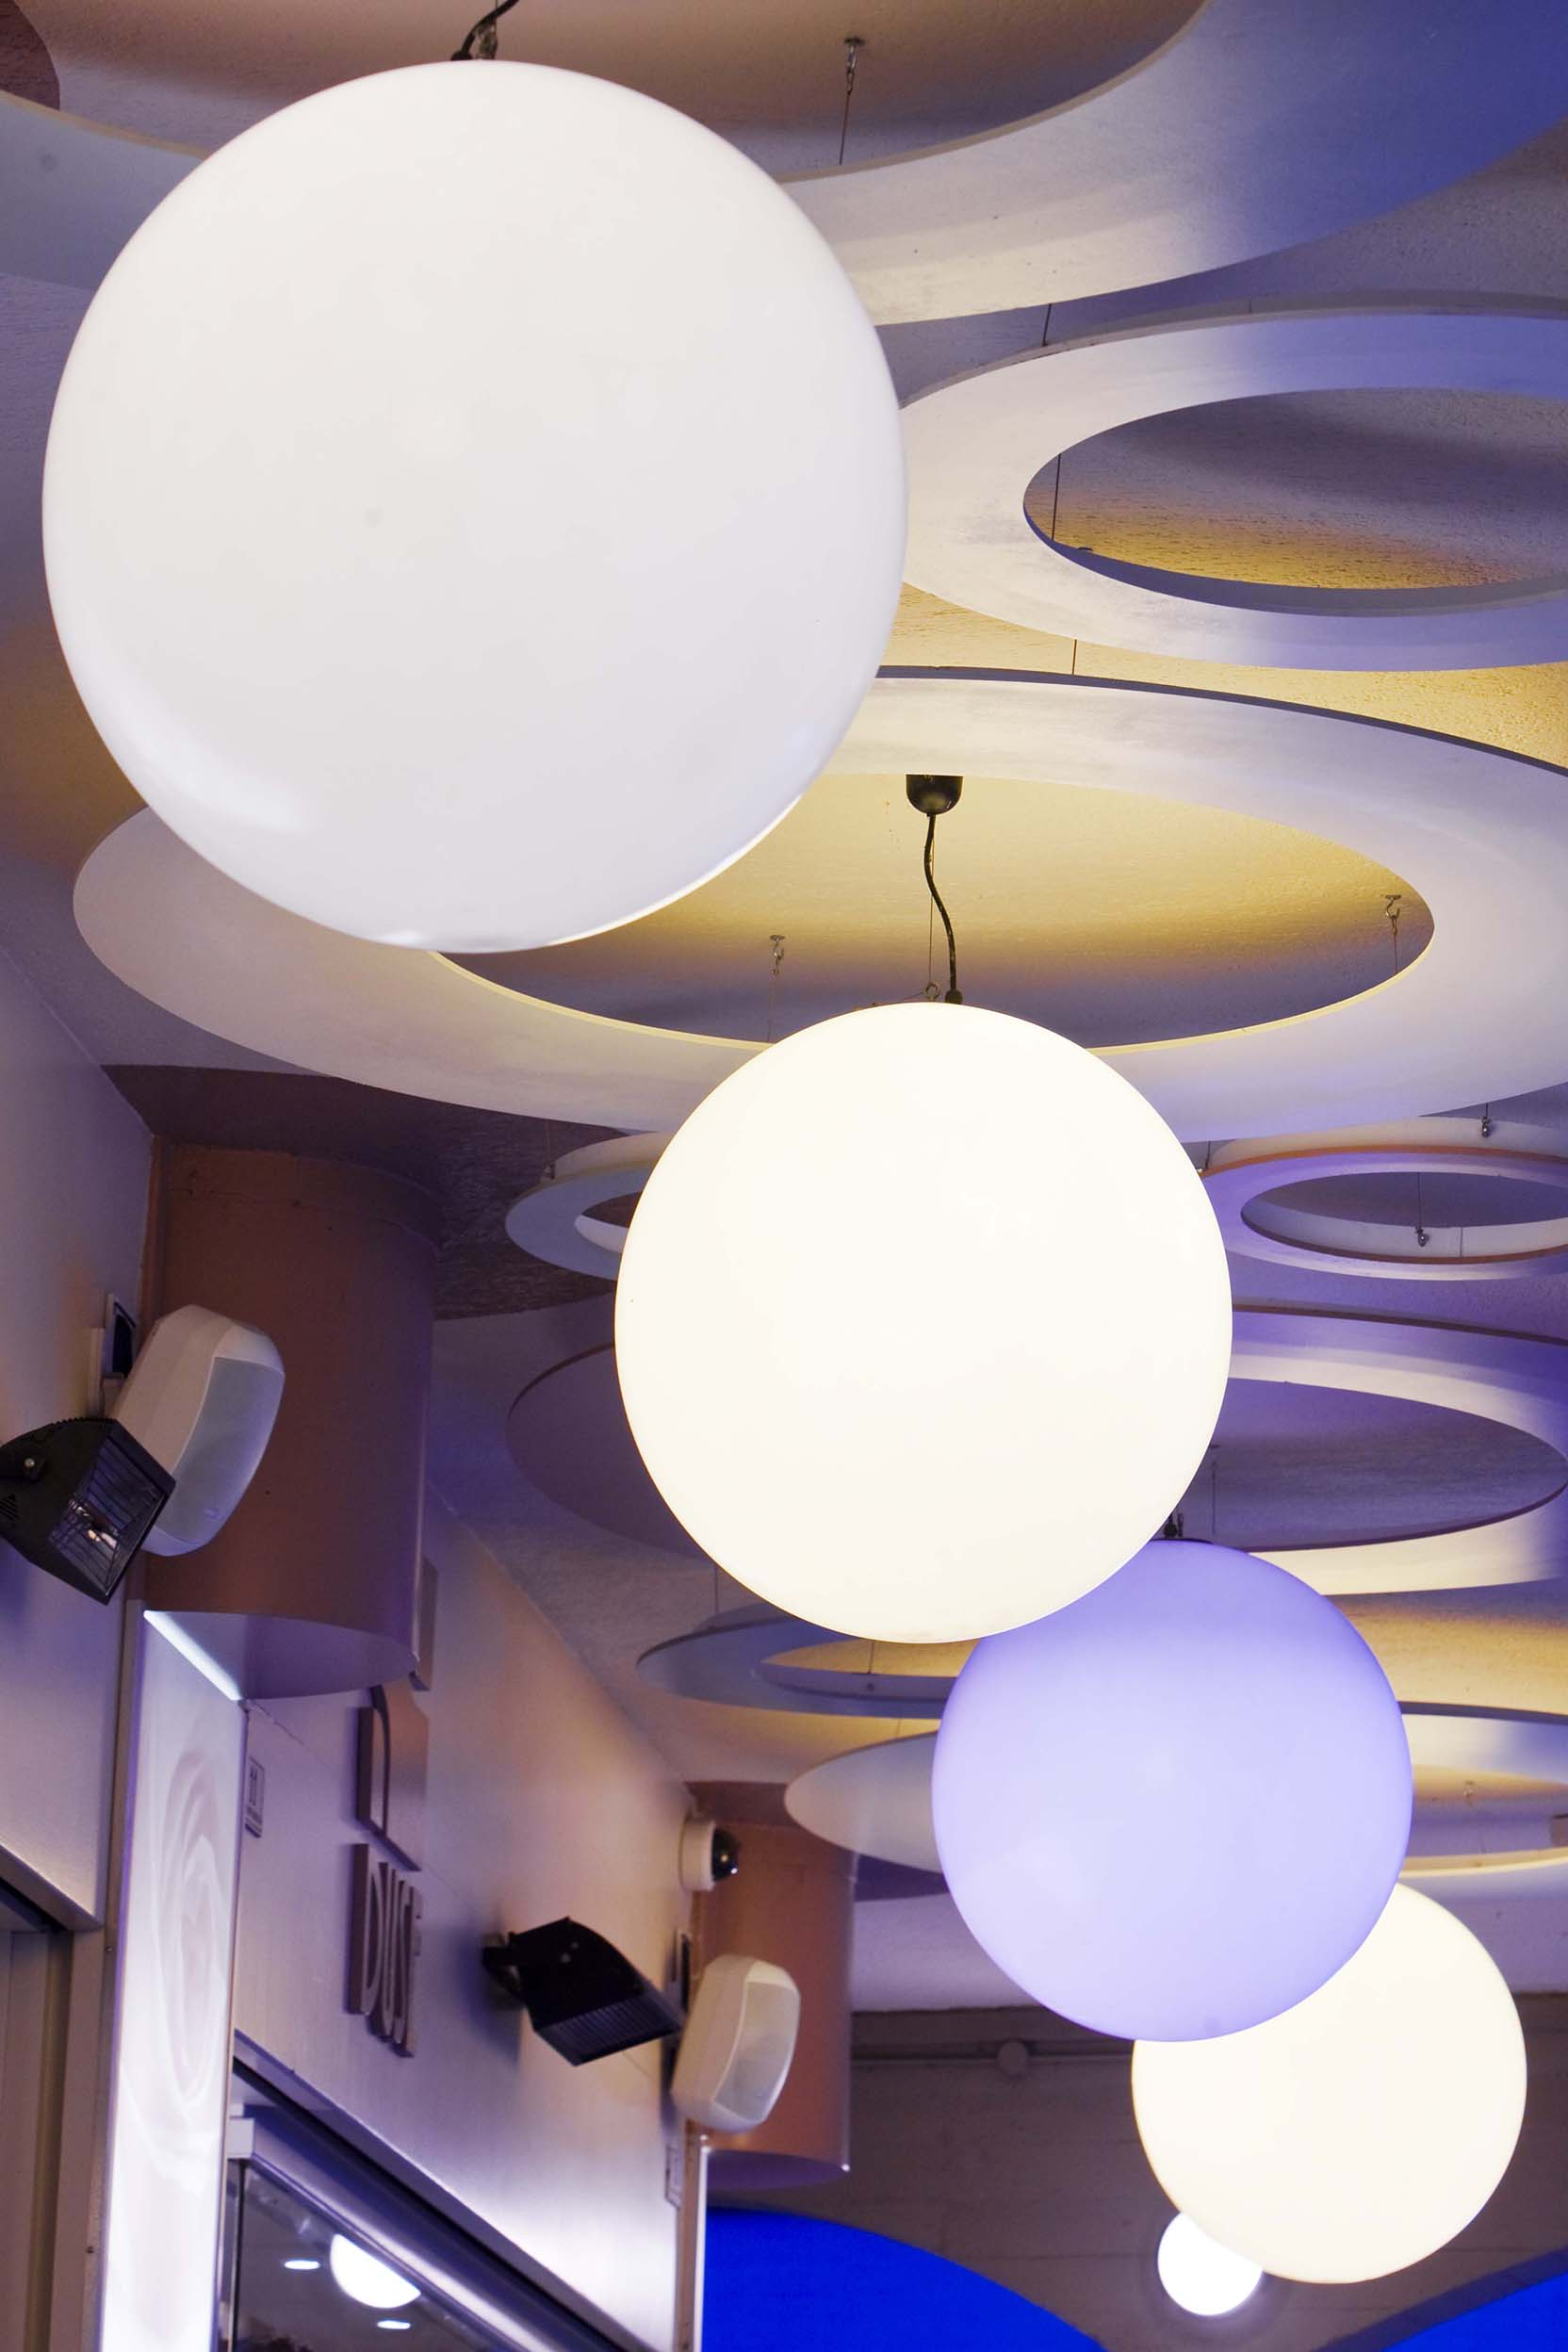 Studio-di-architettura-Baisotti-Sigala-prgetti240